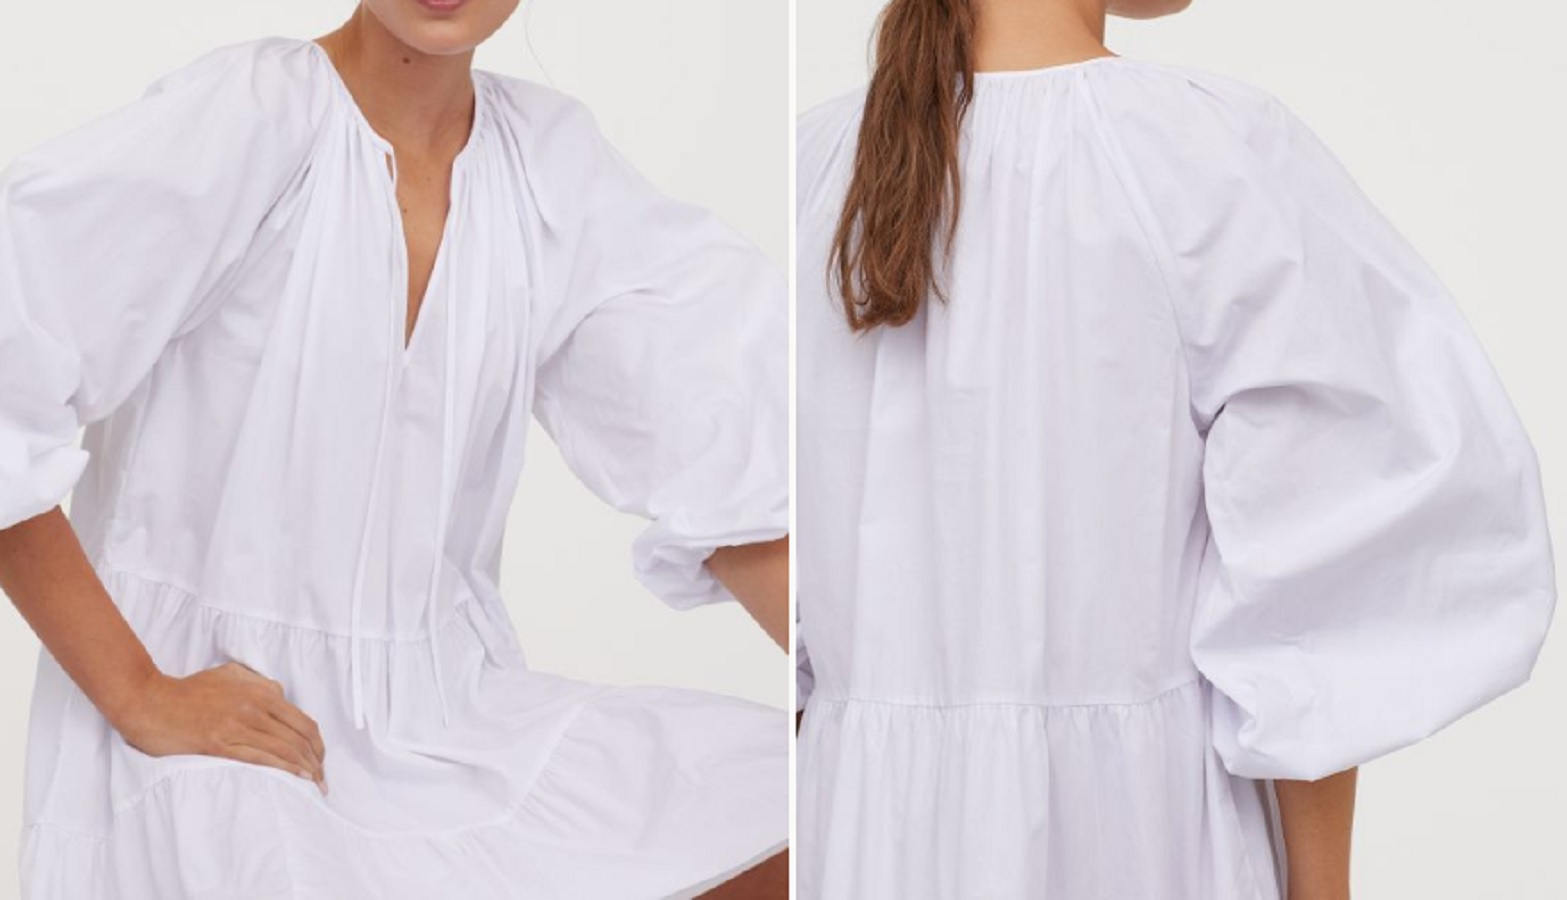 L'abito H&M da 24,99 € perfetto per una gita fuori porta